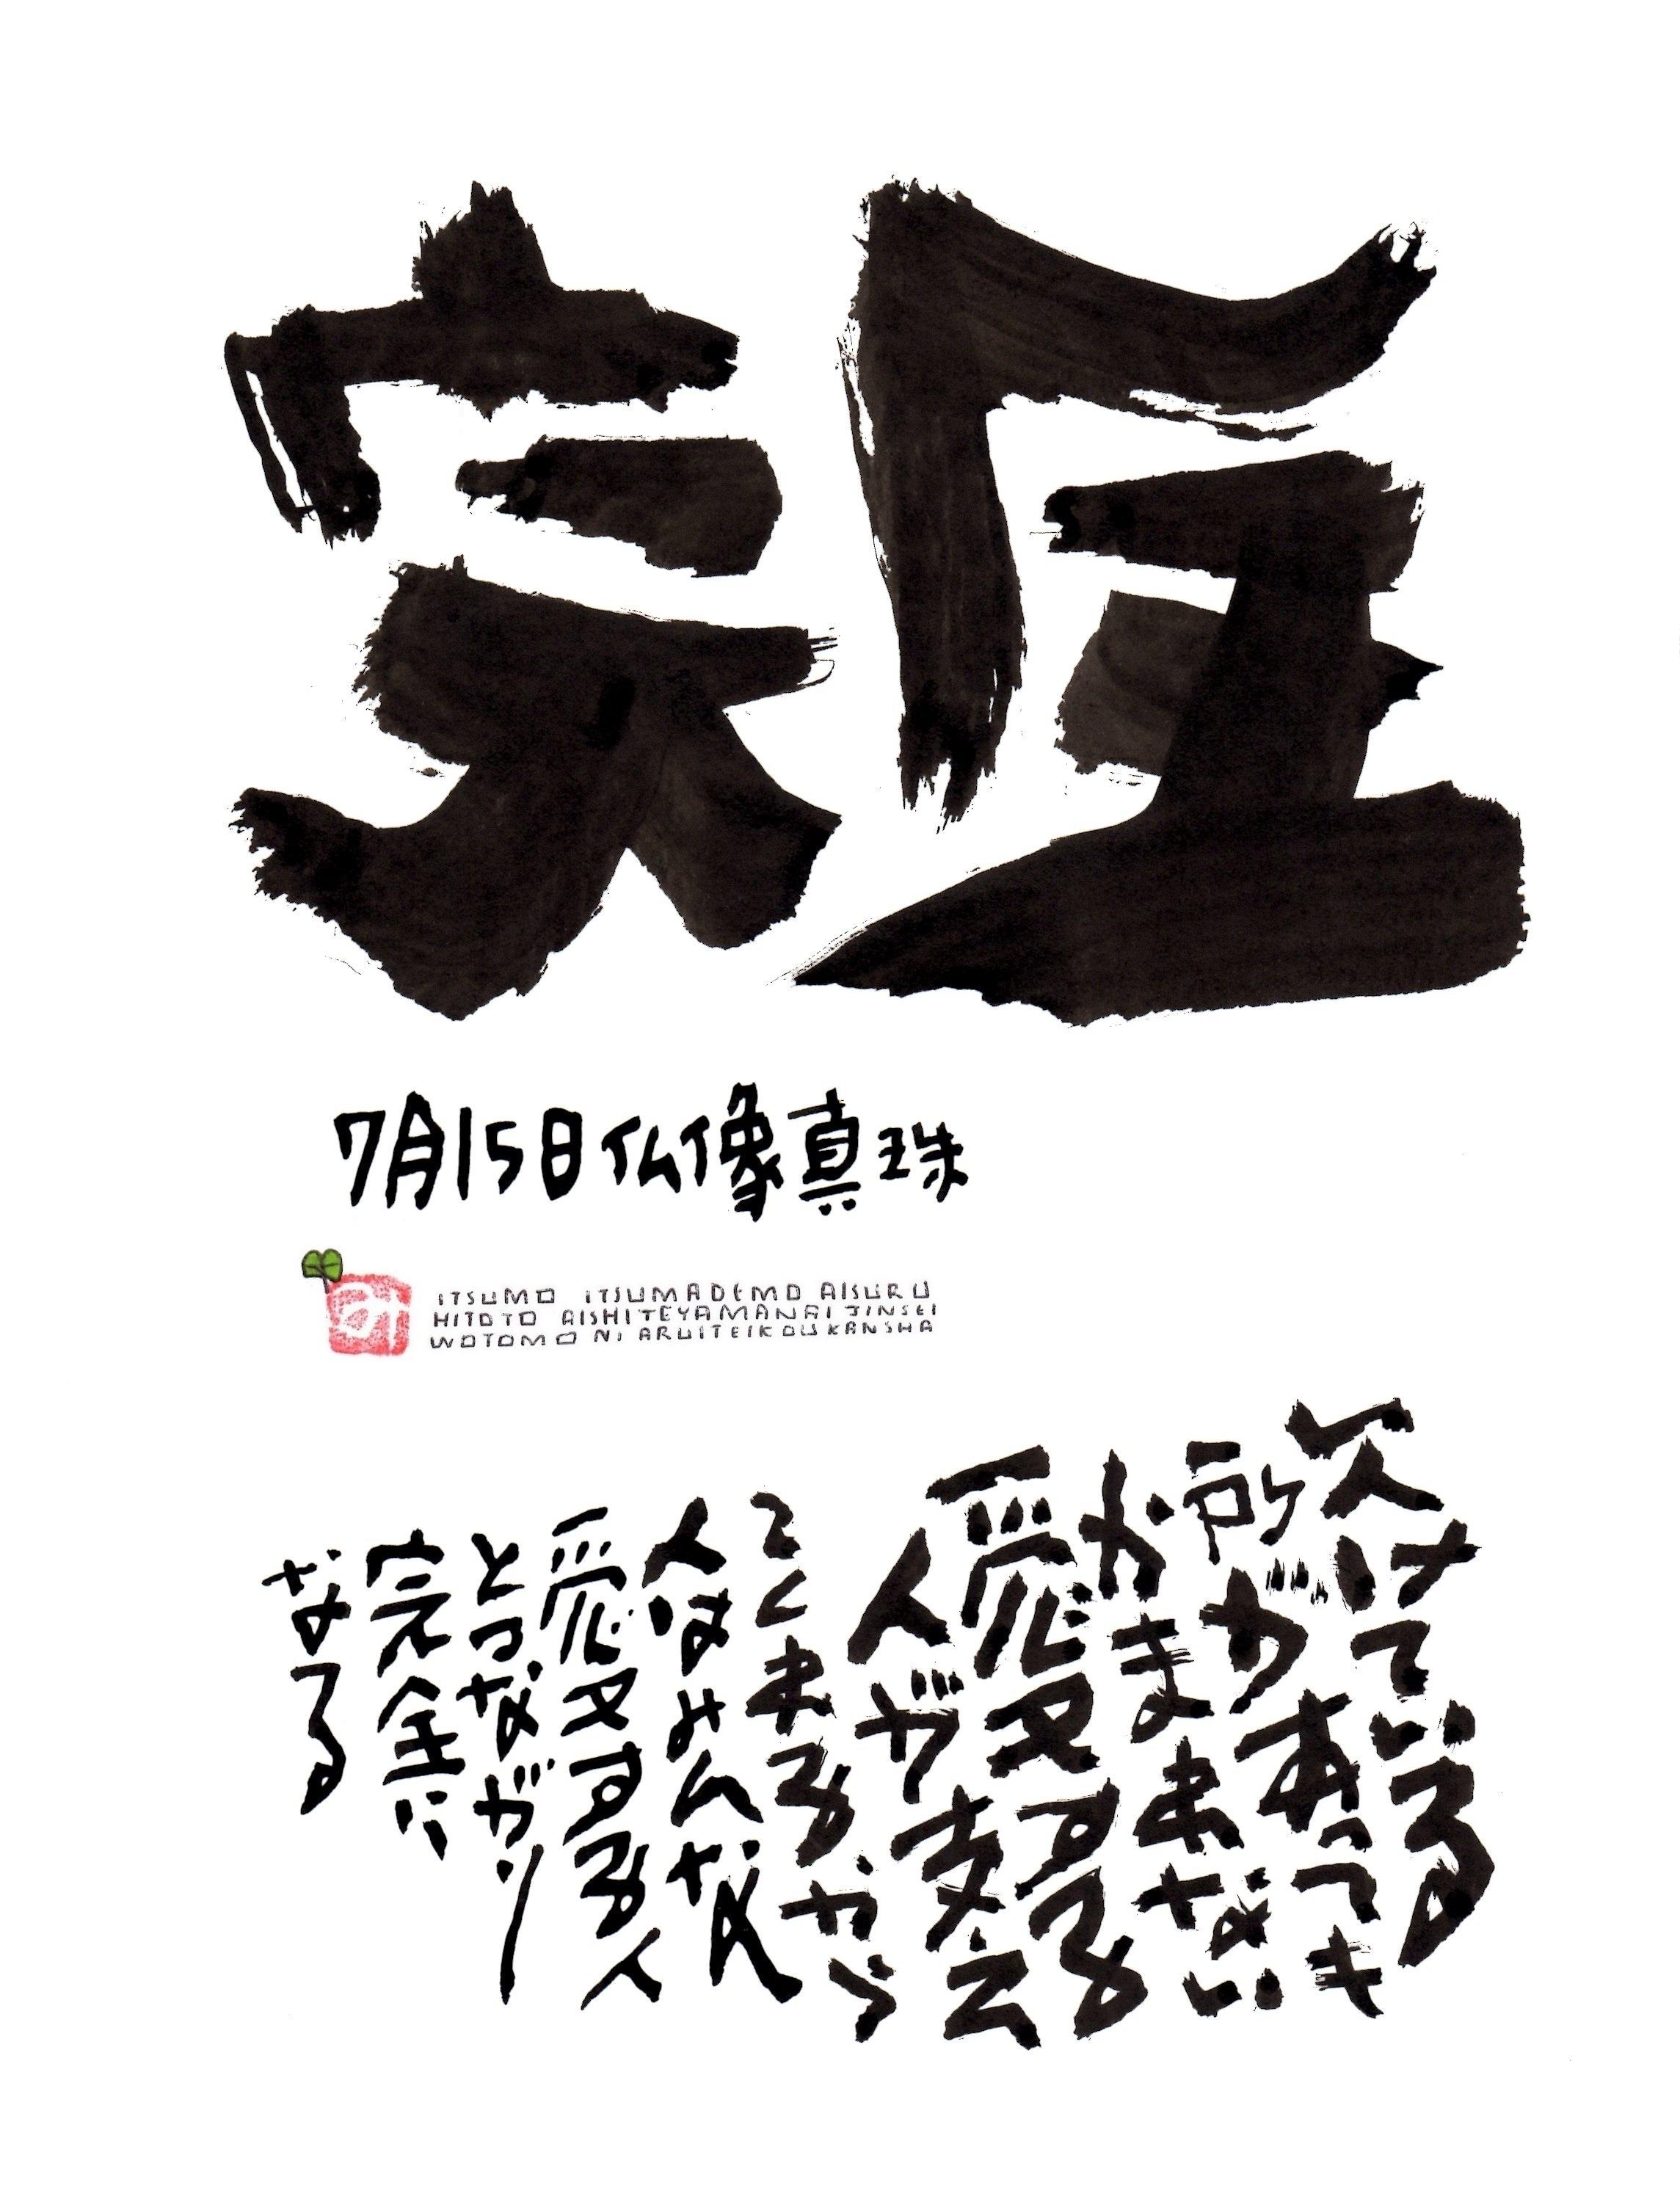 7月15日 結婚記念日ポストカード【完全】